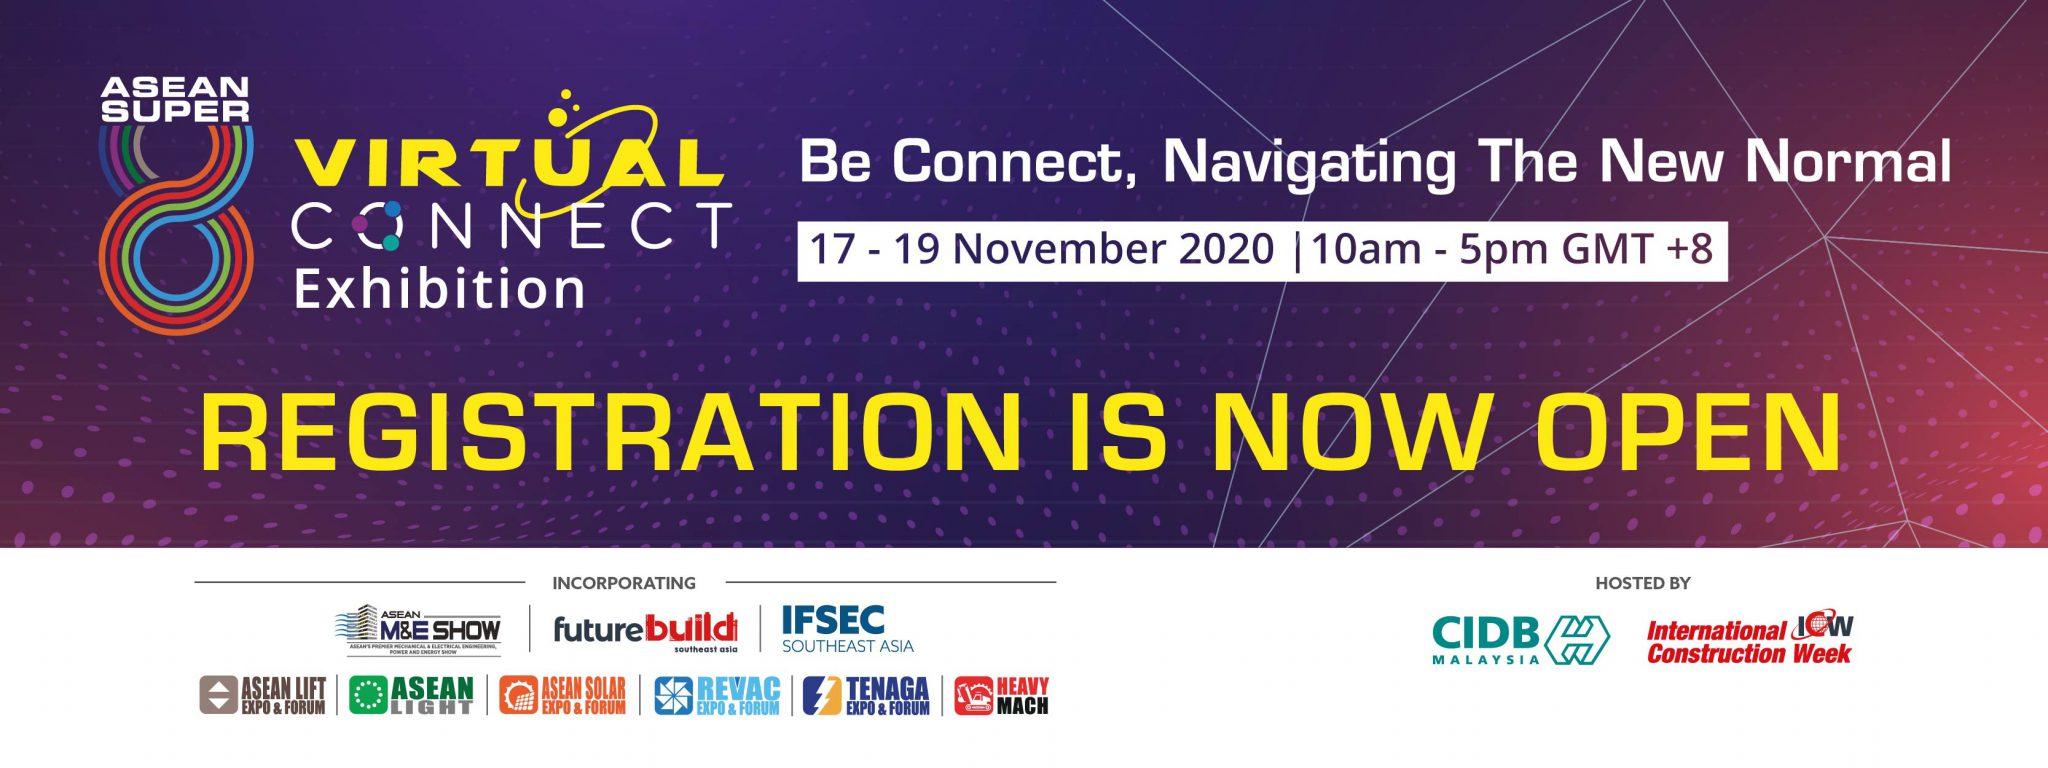 ASEAN Super 8 Virtual Connect Banner